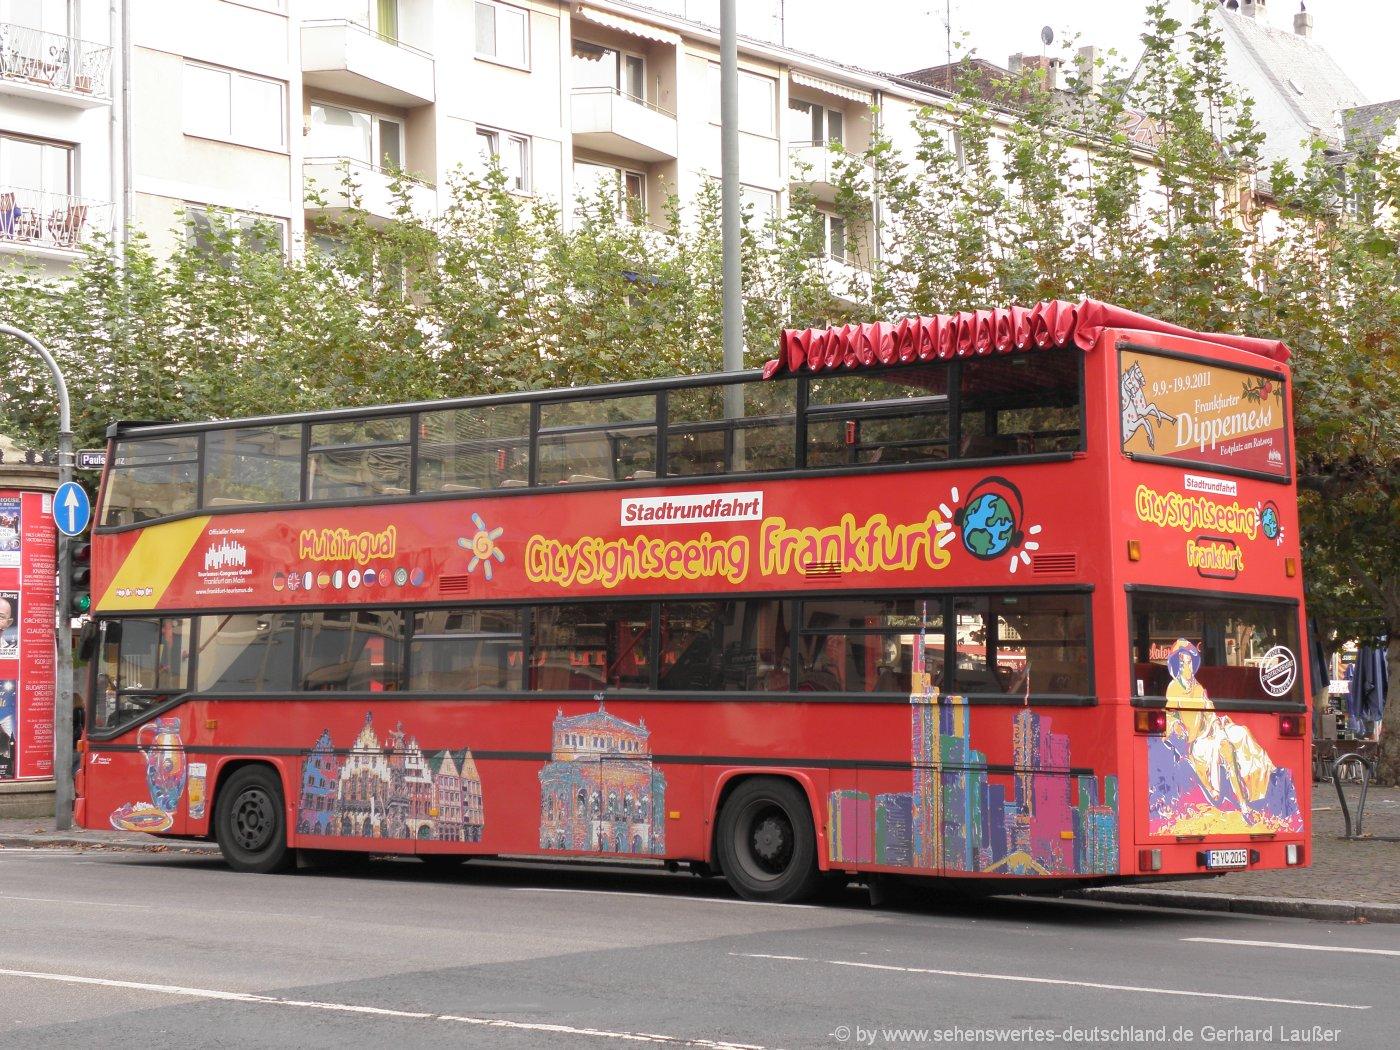 frankfurt-am-main-staedtereisen-sightseeing-stadtrundfahrt-bus-1400